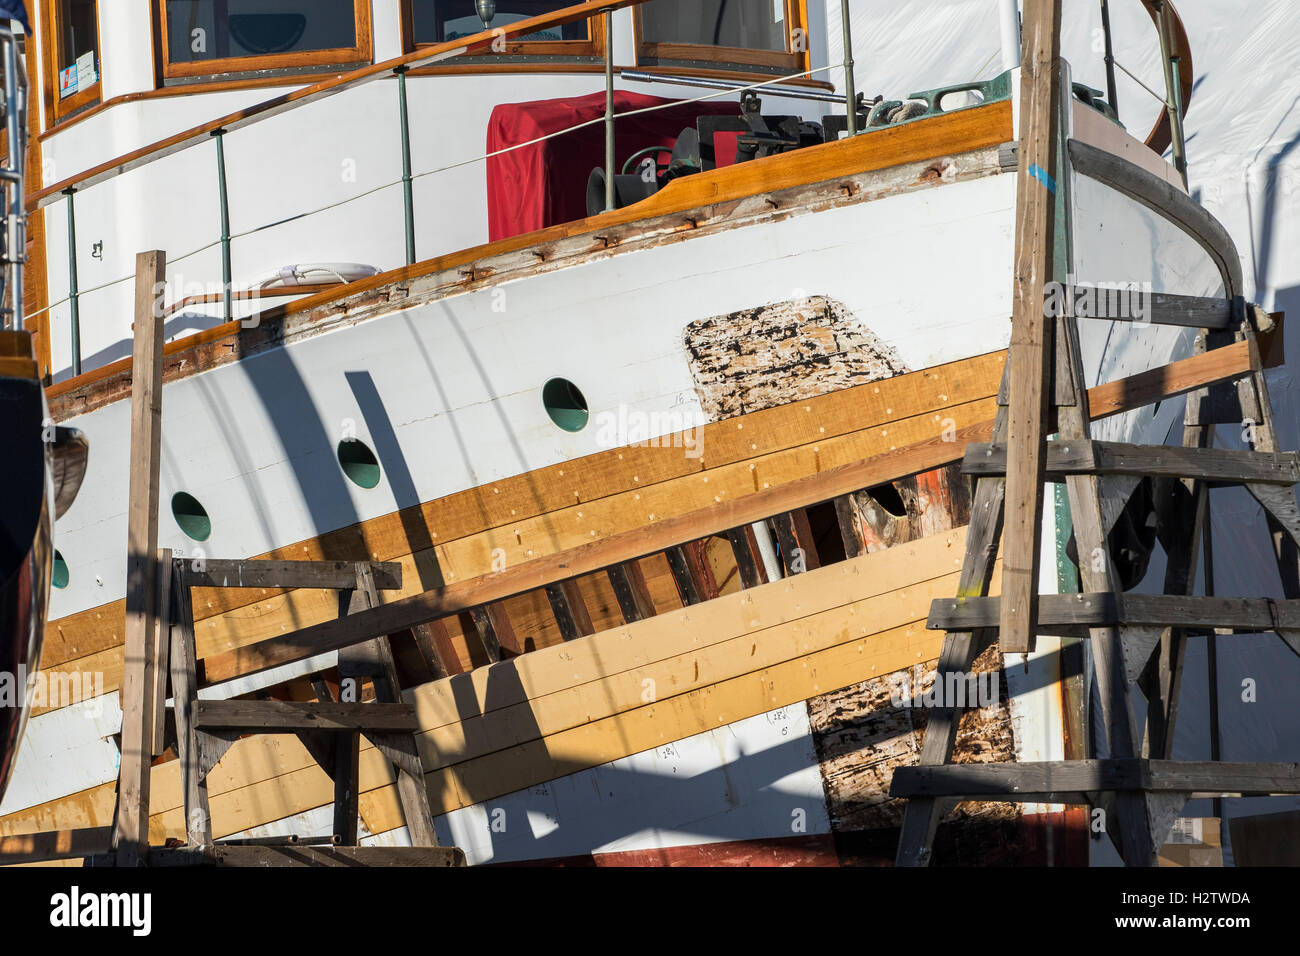 Réparation de bateaux en bois en cale sèche en 1790 à Port Townsend chantier naval. Photo Stock